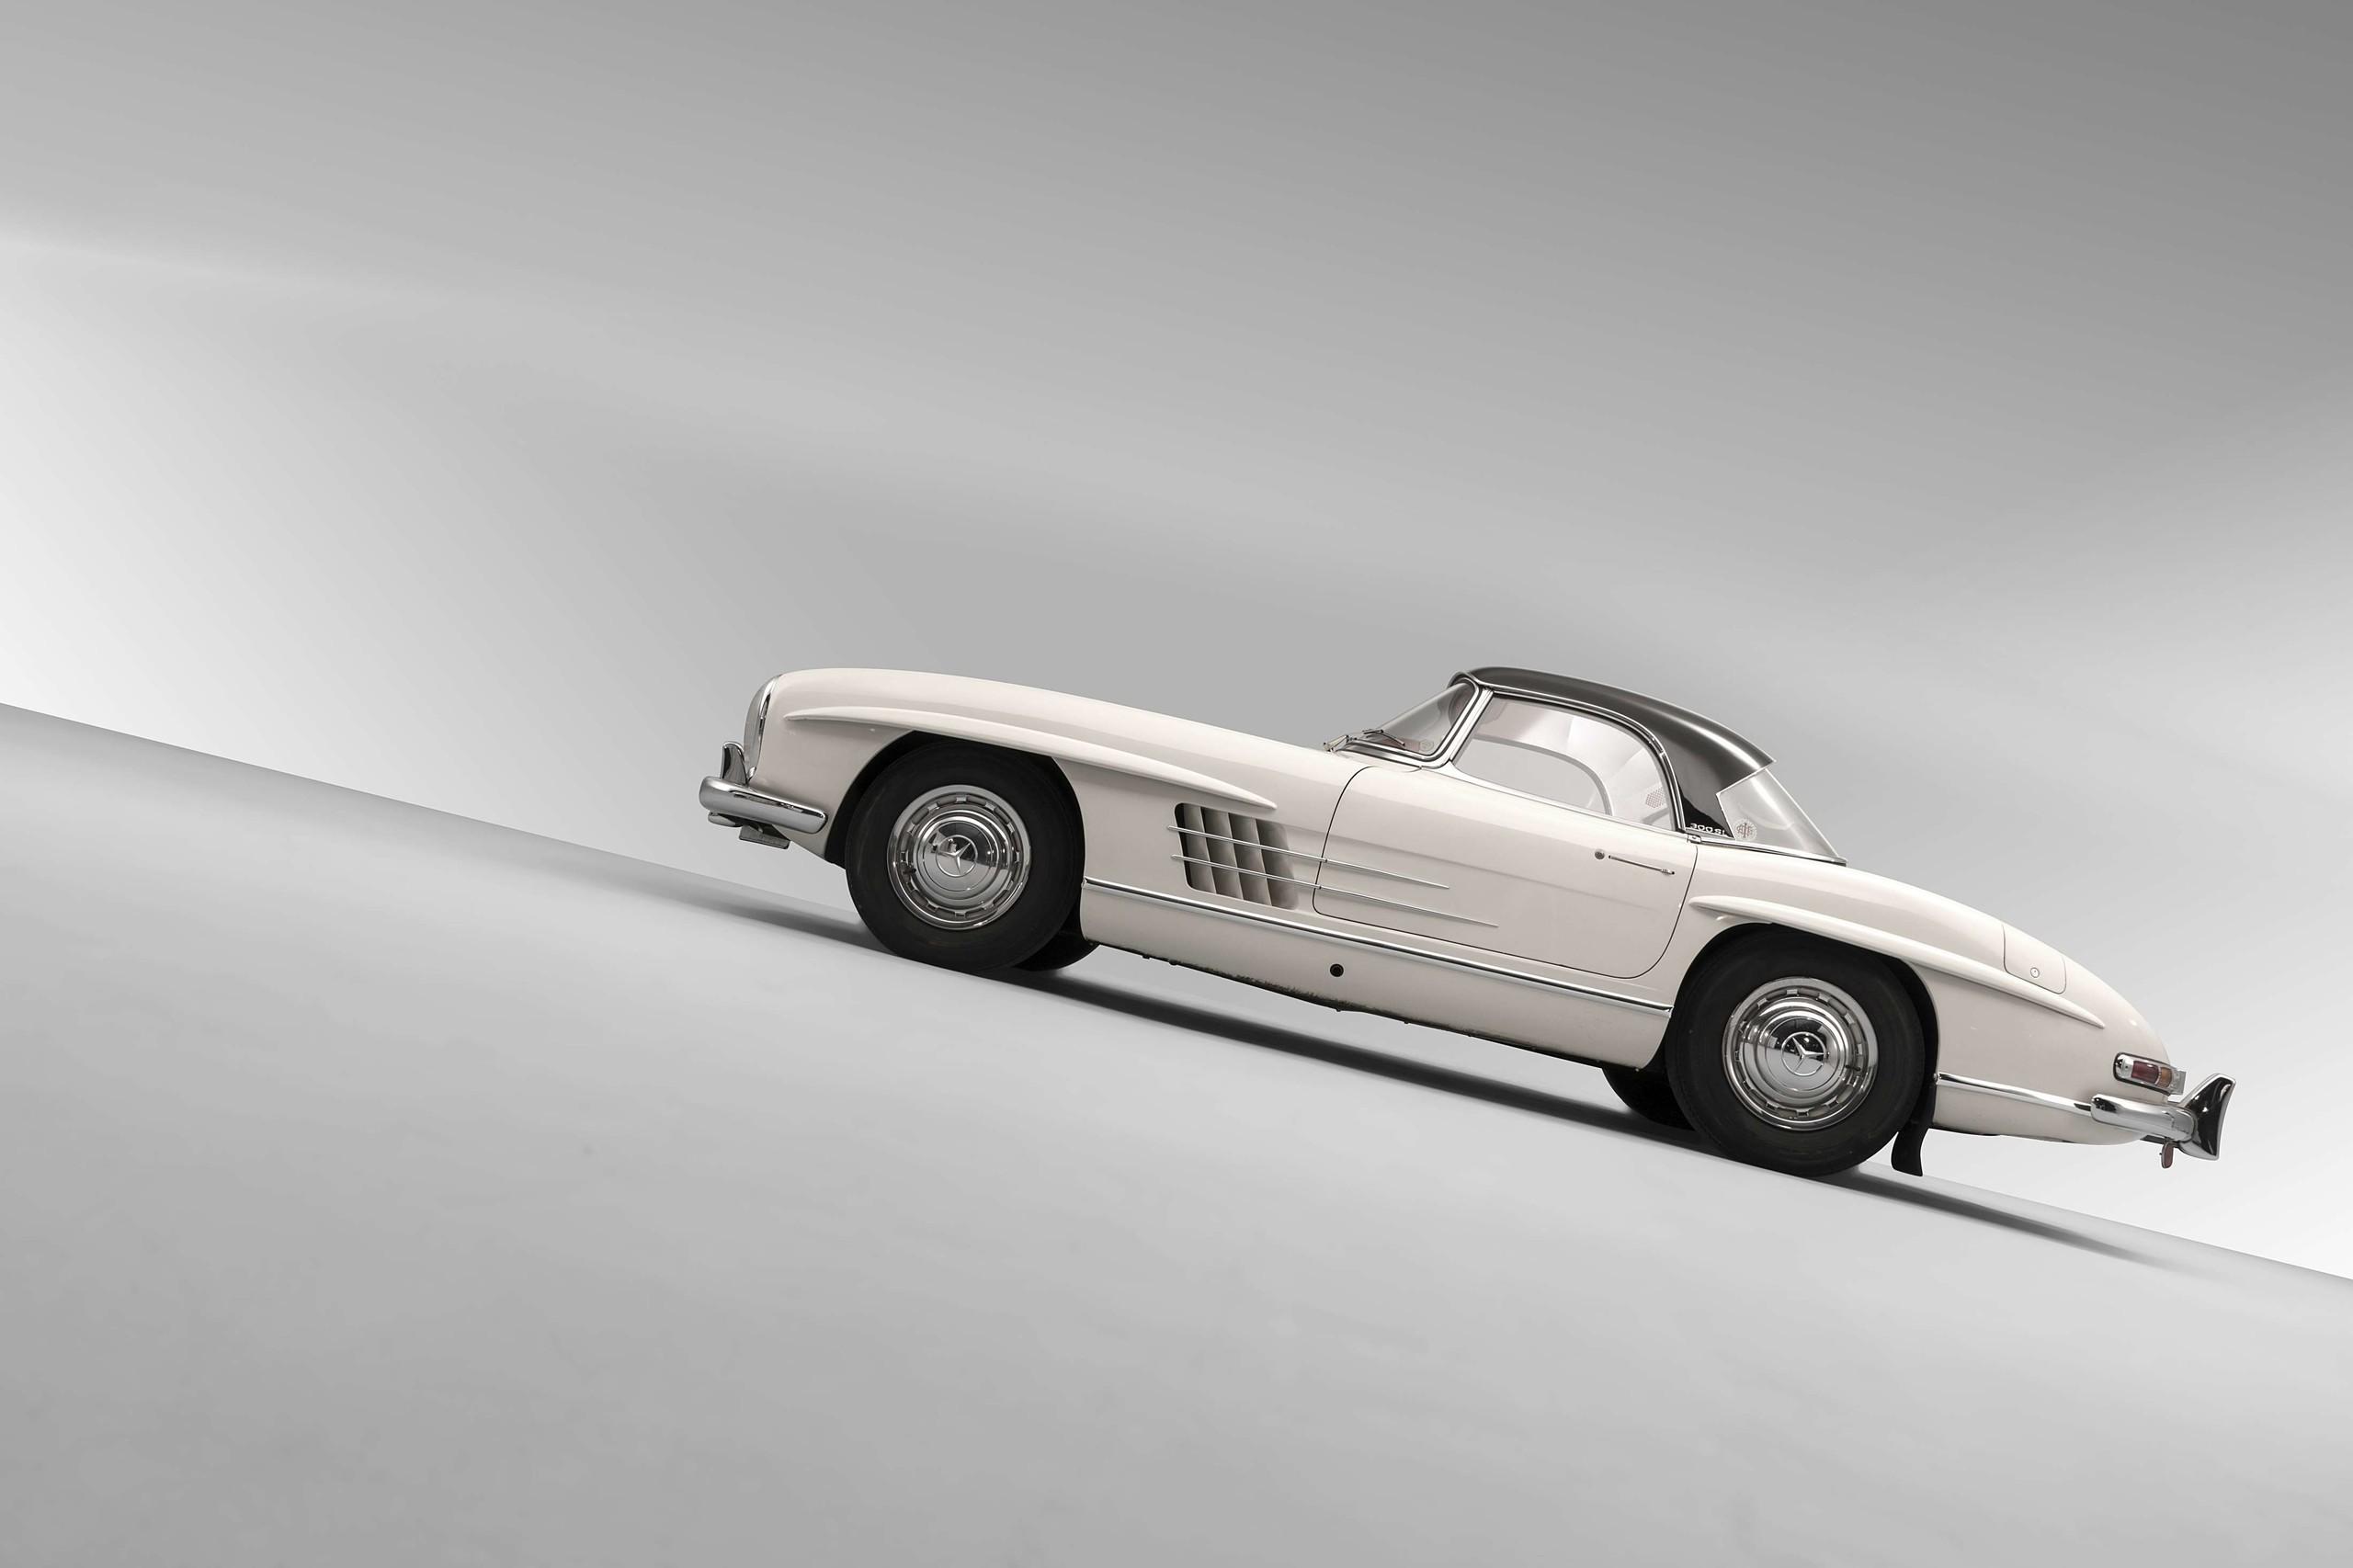 Foto de Mercedes-Benz SL300 1963 se vende en 70 millones de pesos (5/9)